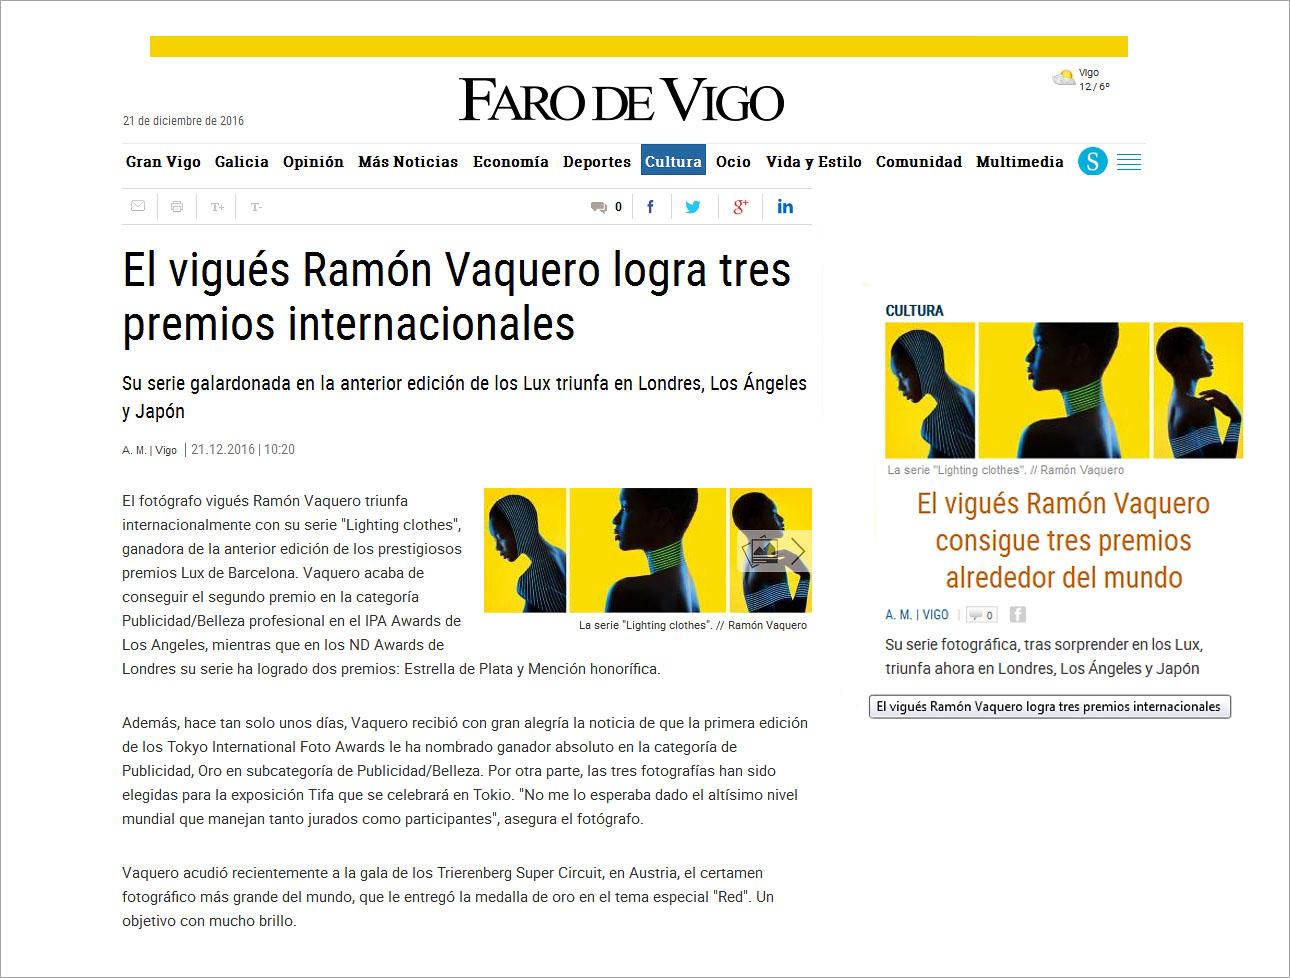 Ramon Vaquero- photographers vigo_tifa_Tokio_farodevigo